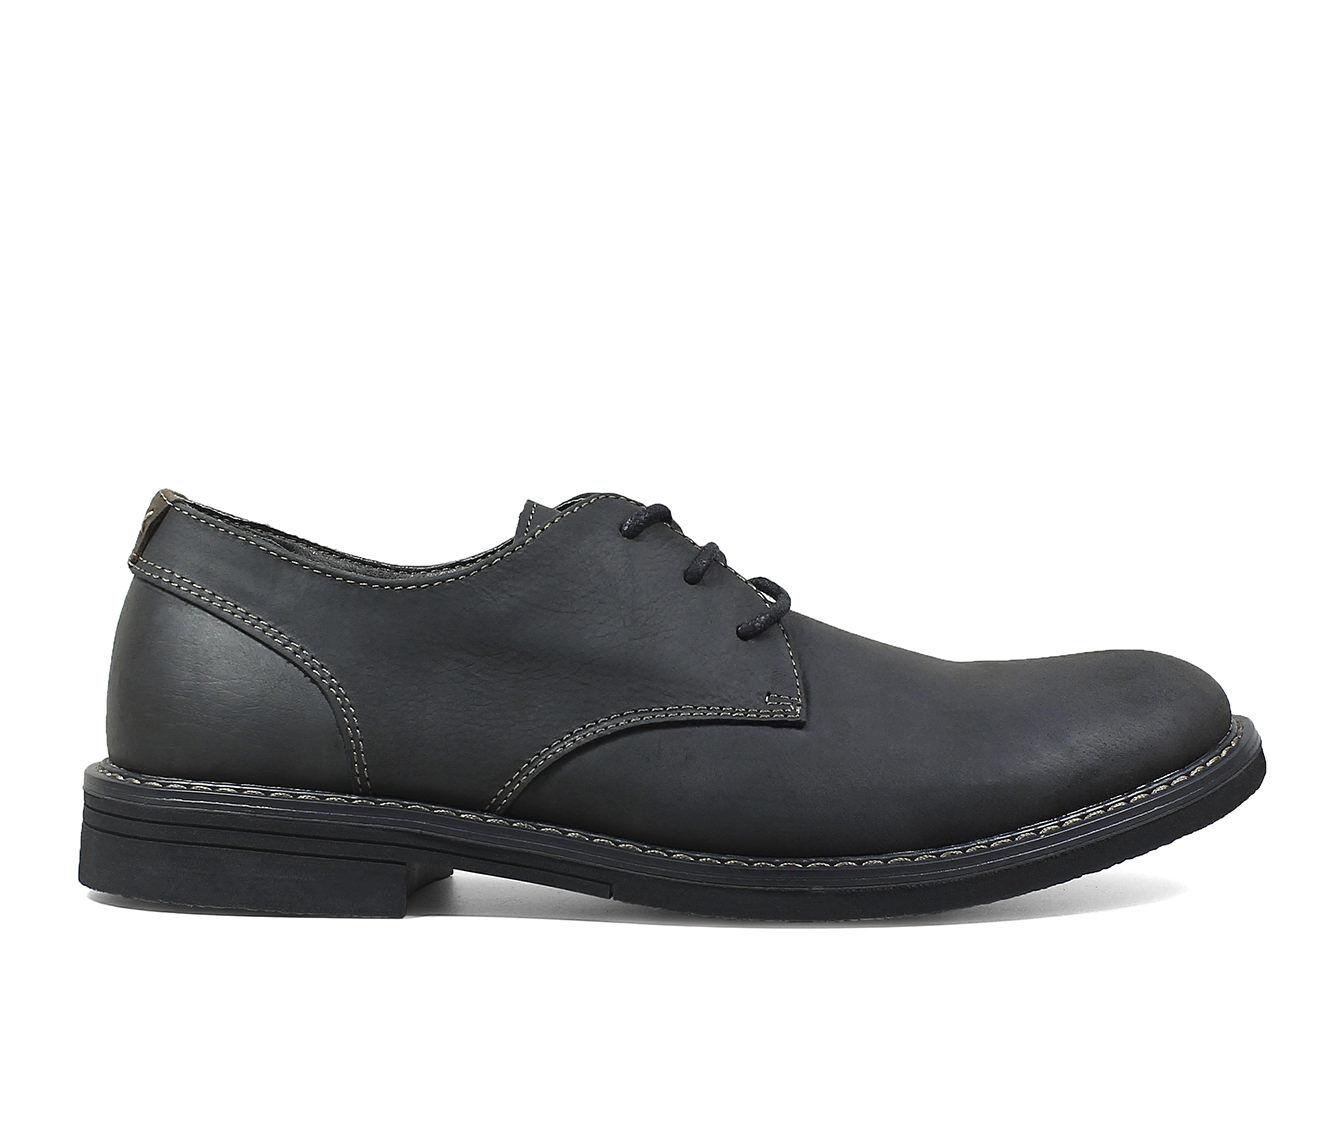 Men's Nunn Bush Linwood Plain Toe Oxford Dress Shoes Black